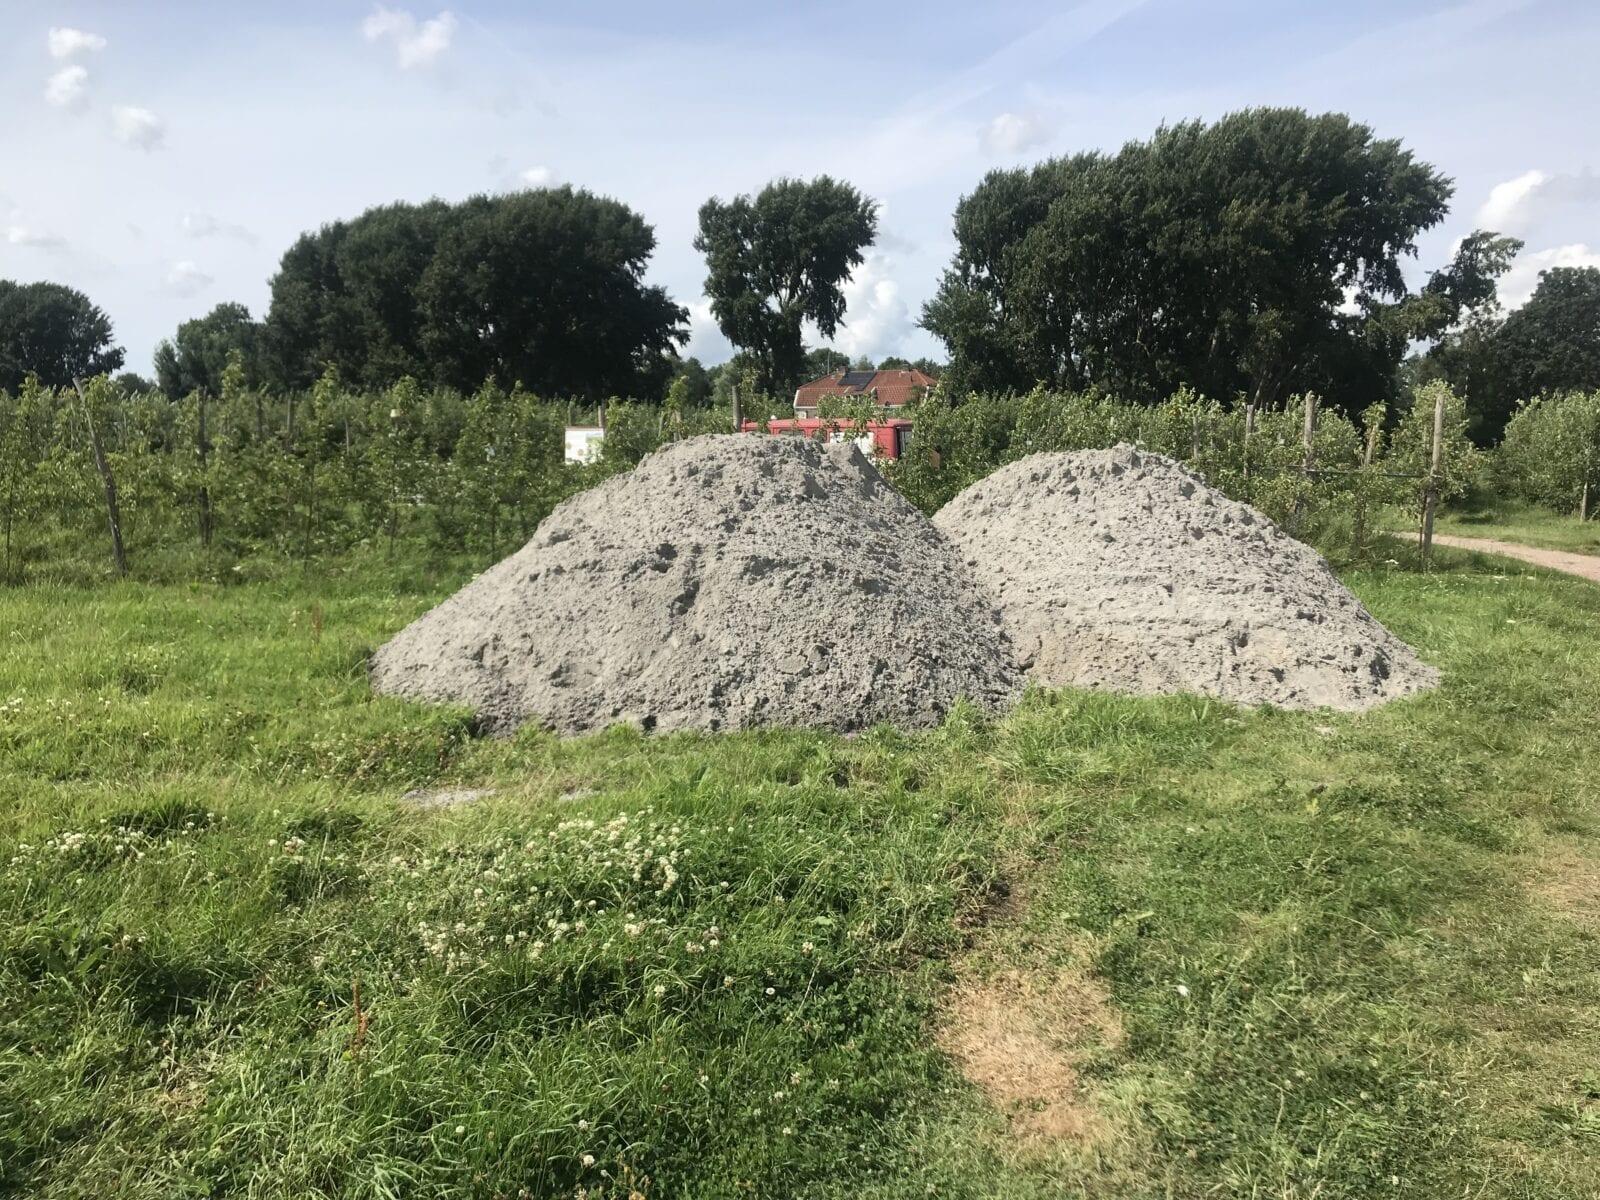 Biobased bouwen